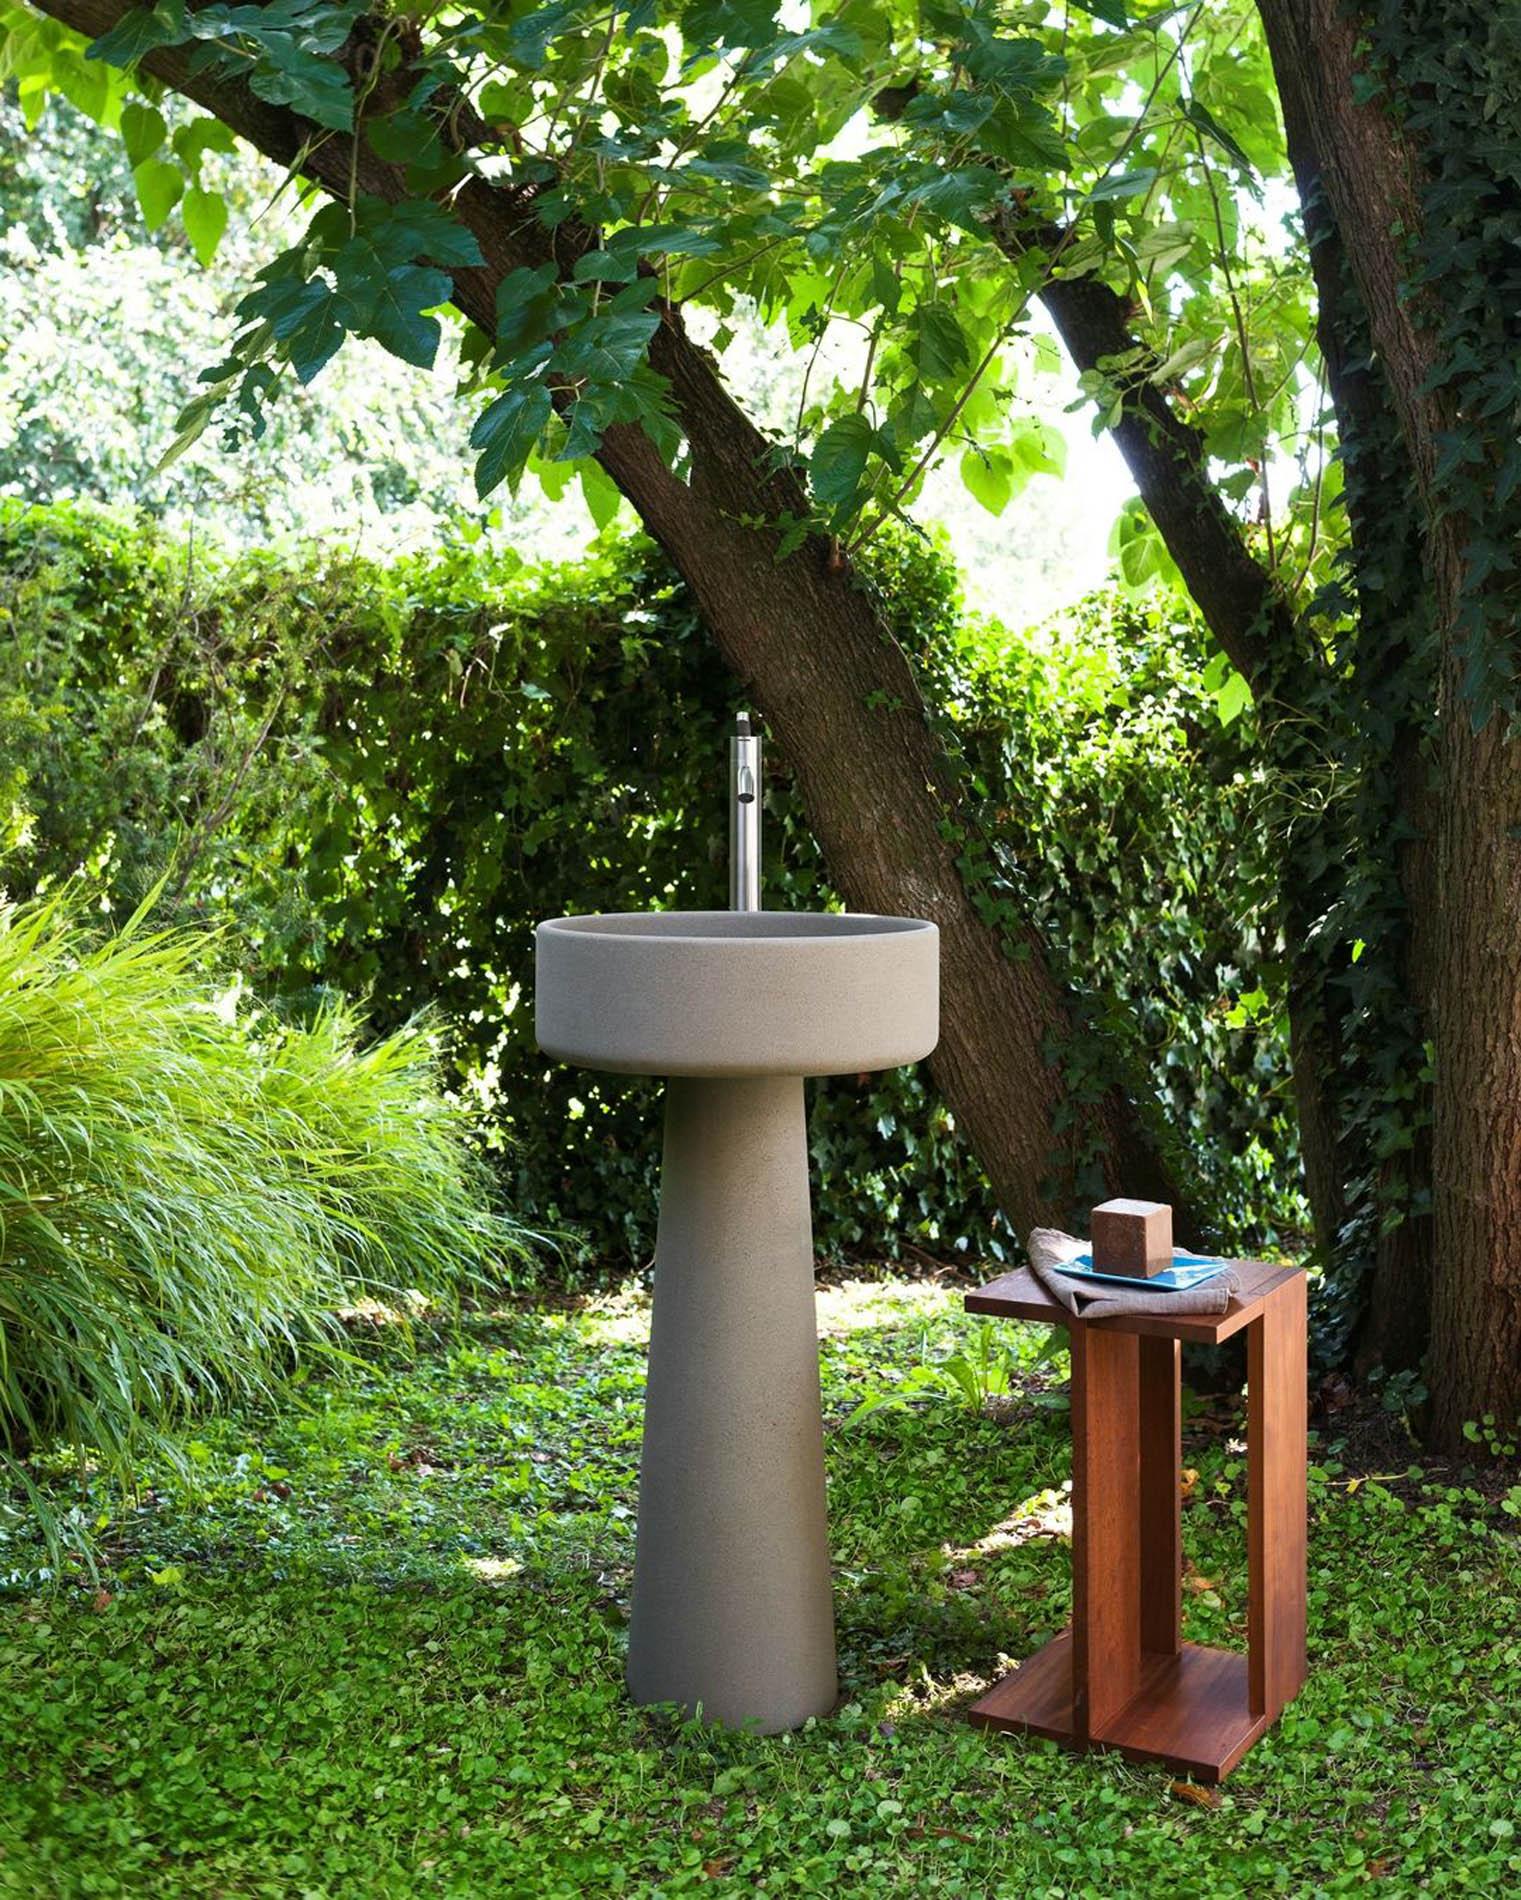 Colección de lavabos Bjhon de Agape, diseñada por Angelo Mangiarotti en 1970, se ha revisado para transformar lo que originalmente era un jarrón para flores en un precioso lavabo de diseño y ahora está disponible en nuestro Showroom de materiales en Barcelona